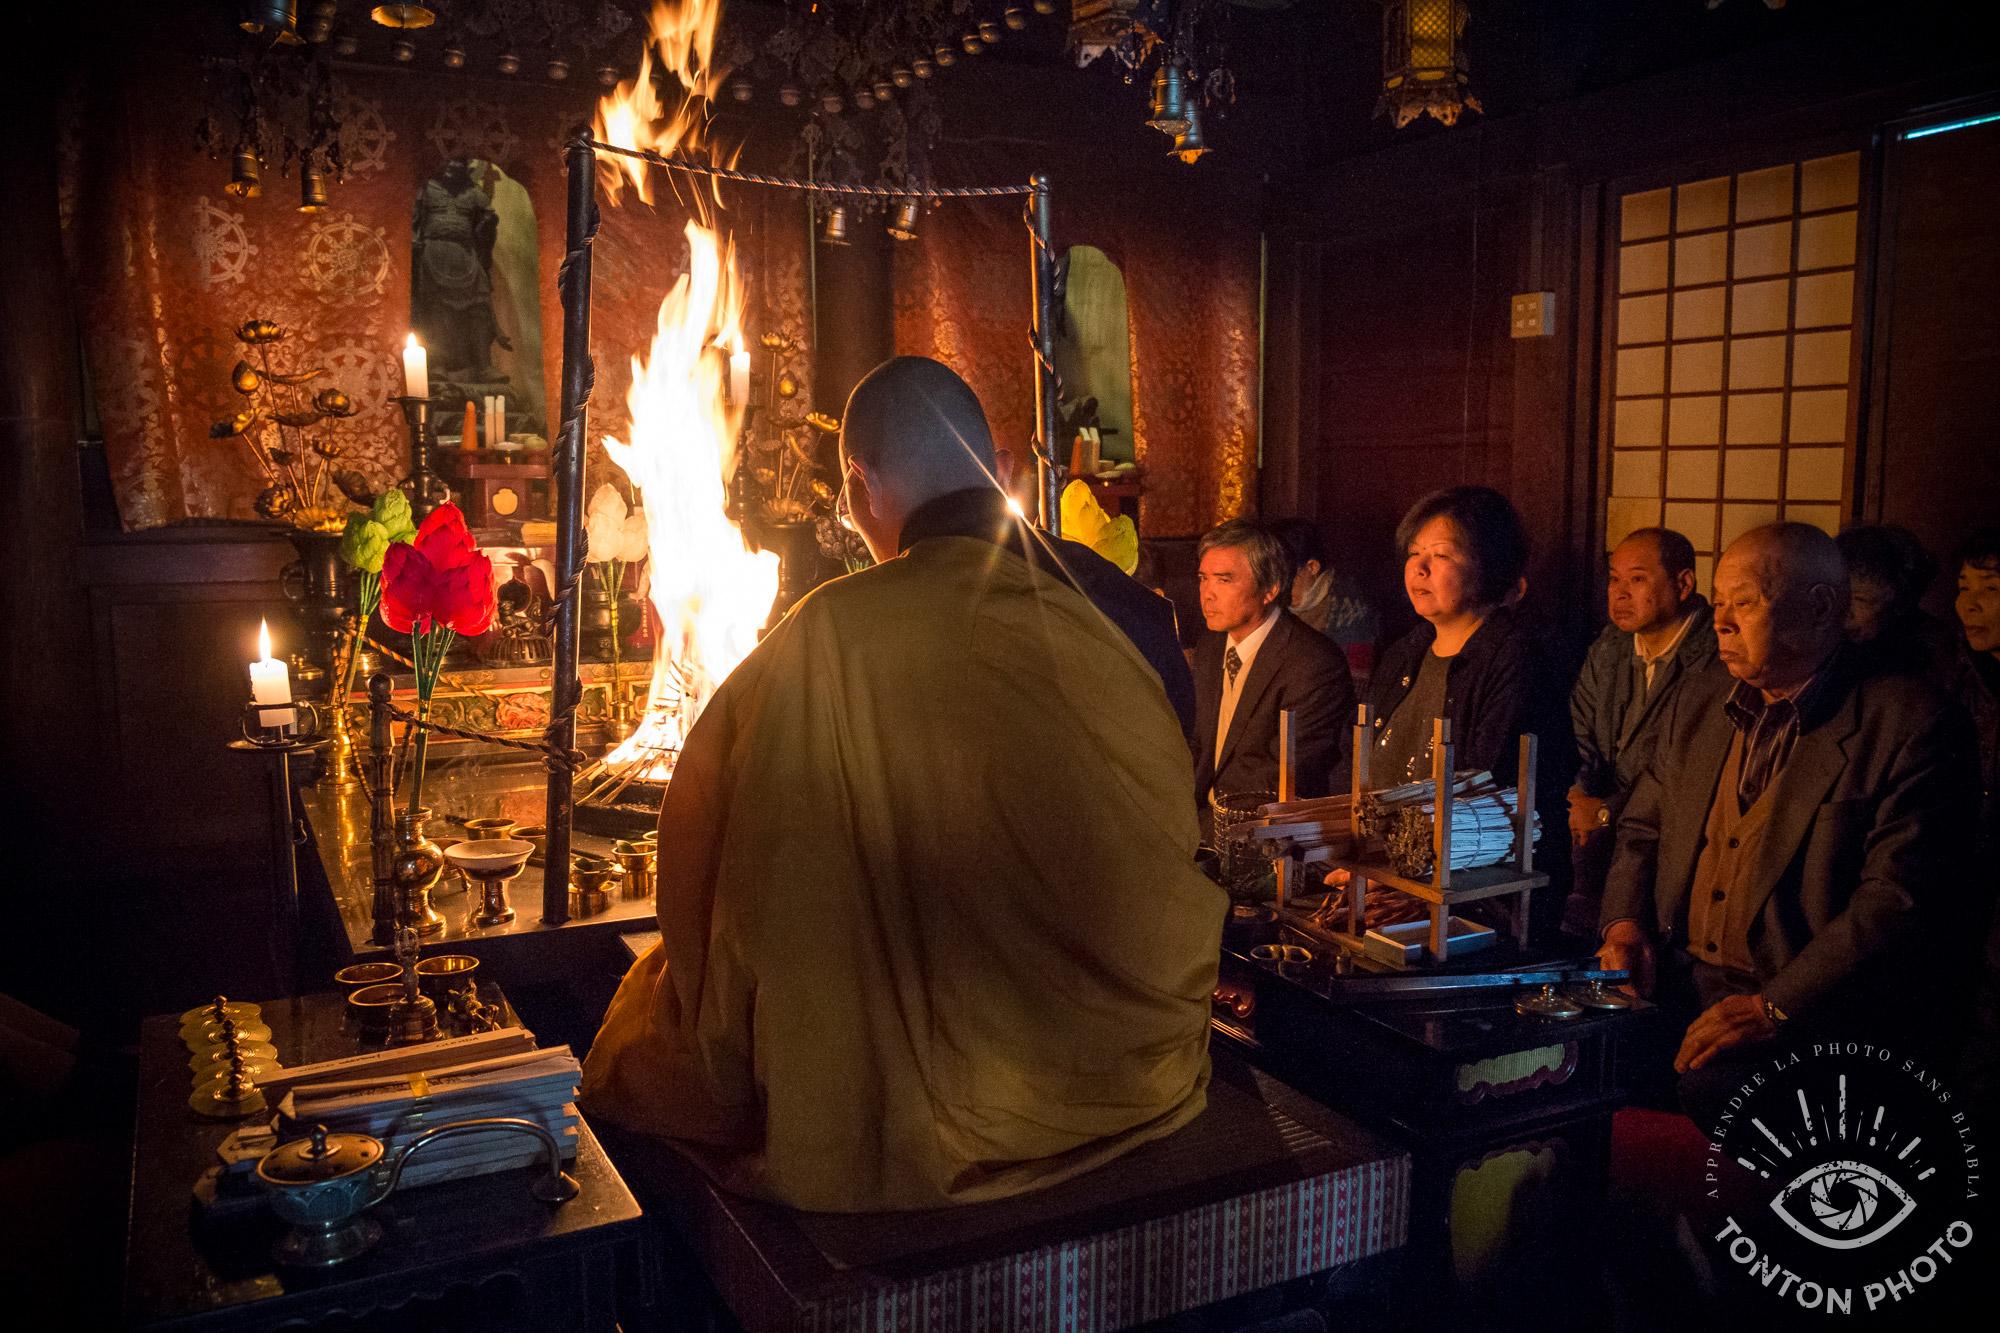 En appliquant la technique abordée dans cet article, j'ai pu capter les rayons provenant d'une bougie placée devant ce moine bouddhiste pendant une cérémonie dans le monastère Shingon d'Eko-in, Koyasan, Japon © Clément Racineux / Tonton Photo © Tonton Photo